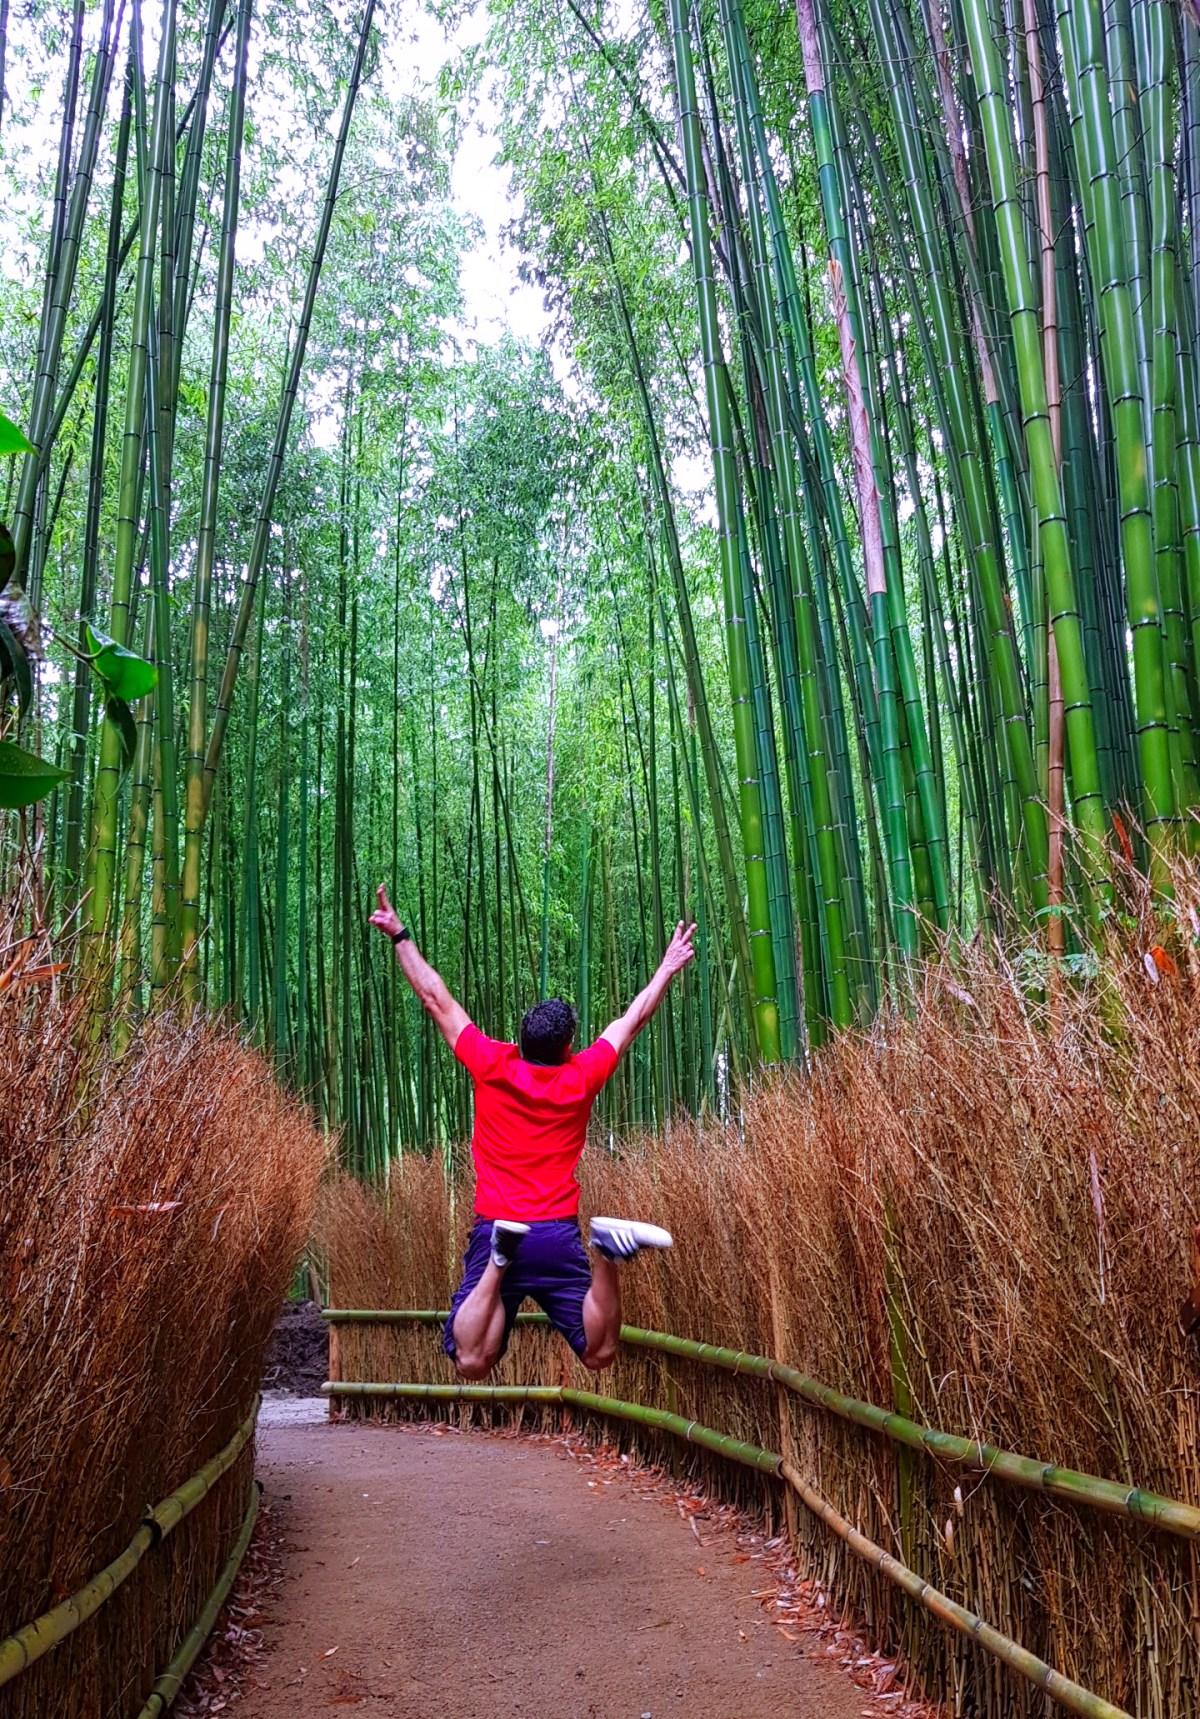 Bosque de Bambú de Kioto / Kyoto - Viajar a Japón - ruta por Japón en dos semanas ruta por japón en dos semanas - 36904412995 642df1a86e o - Nuestra Ruta por Japón en dos semanas (Diario de Viaje a Japón)